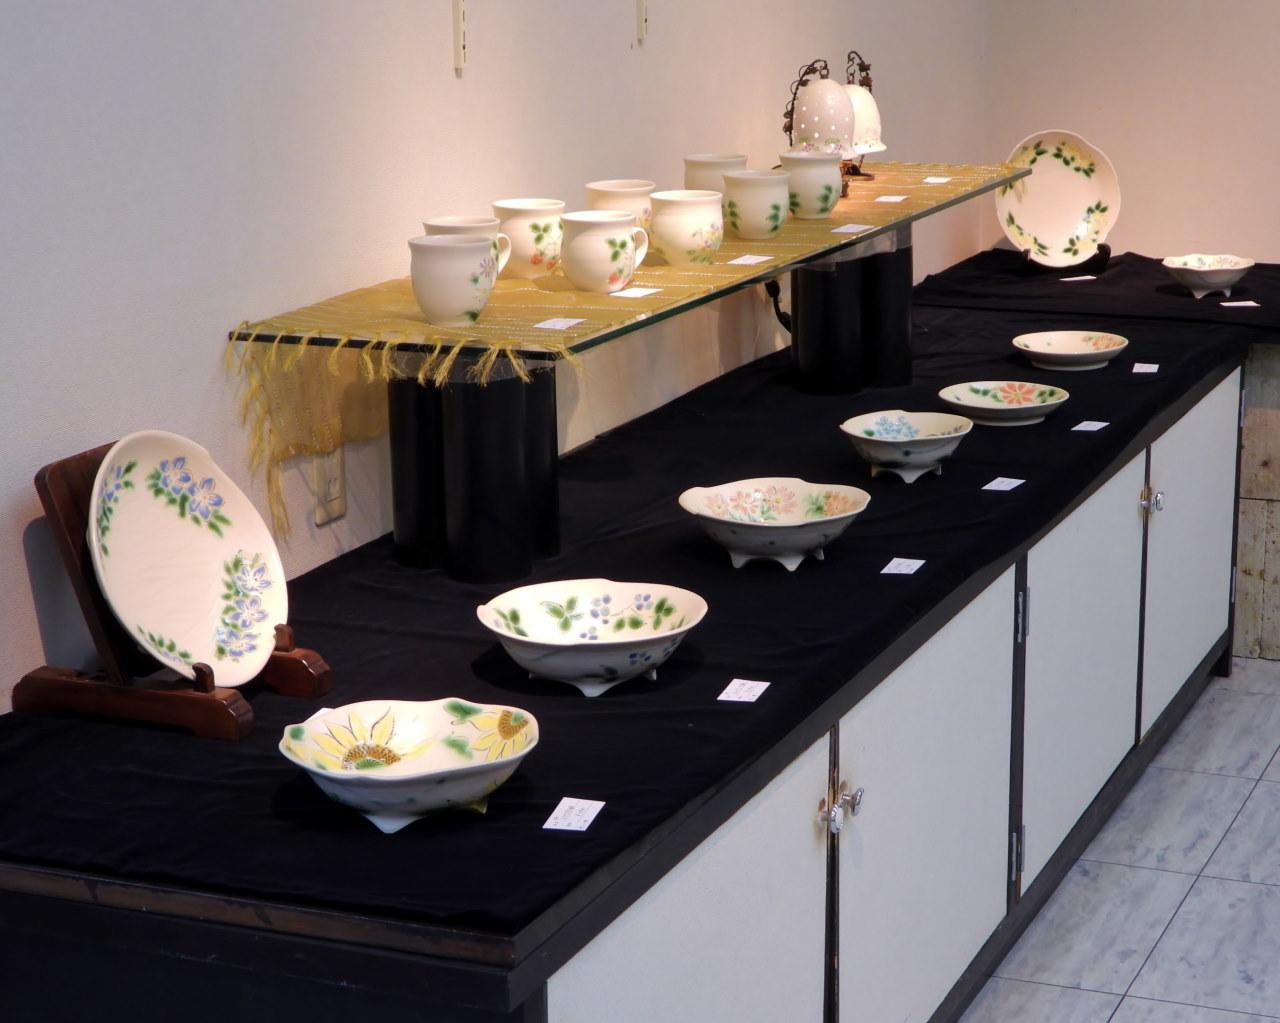 『三戸綾乃作陶展』から_c0305565_17252619.jpg